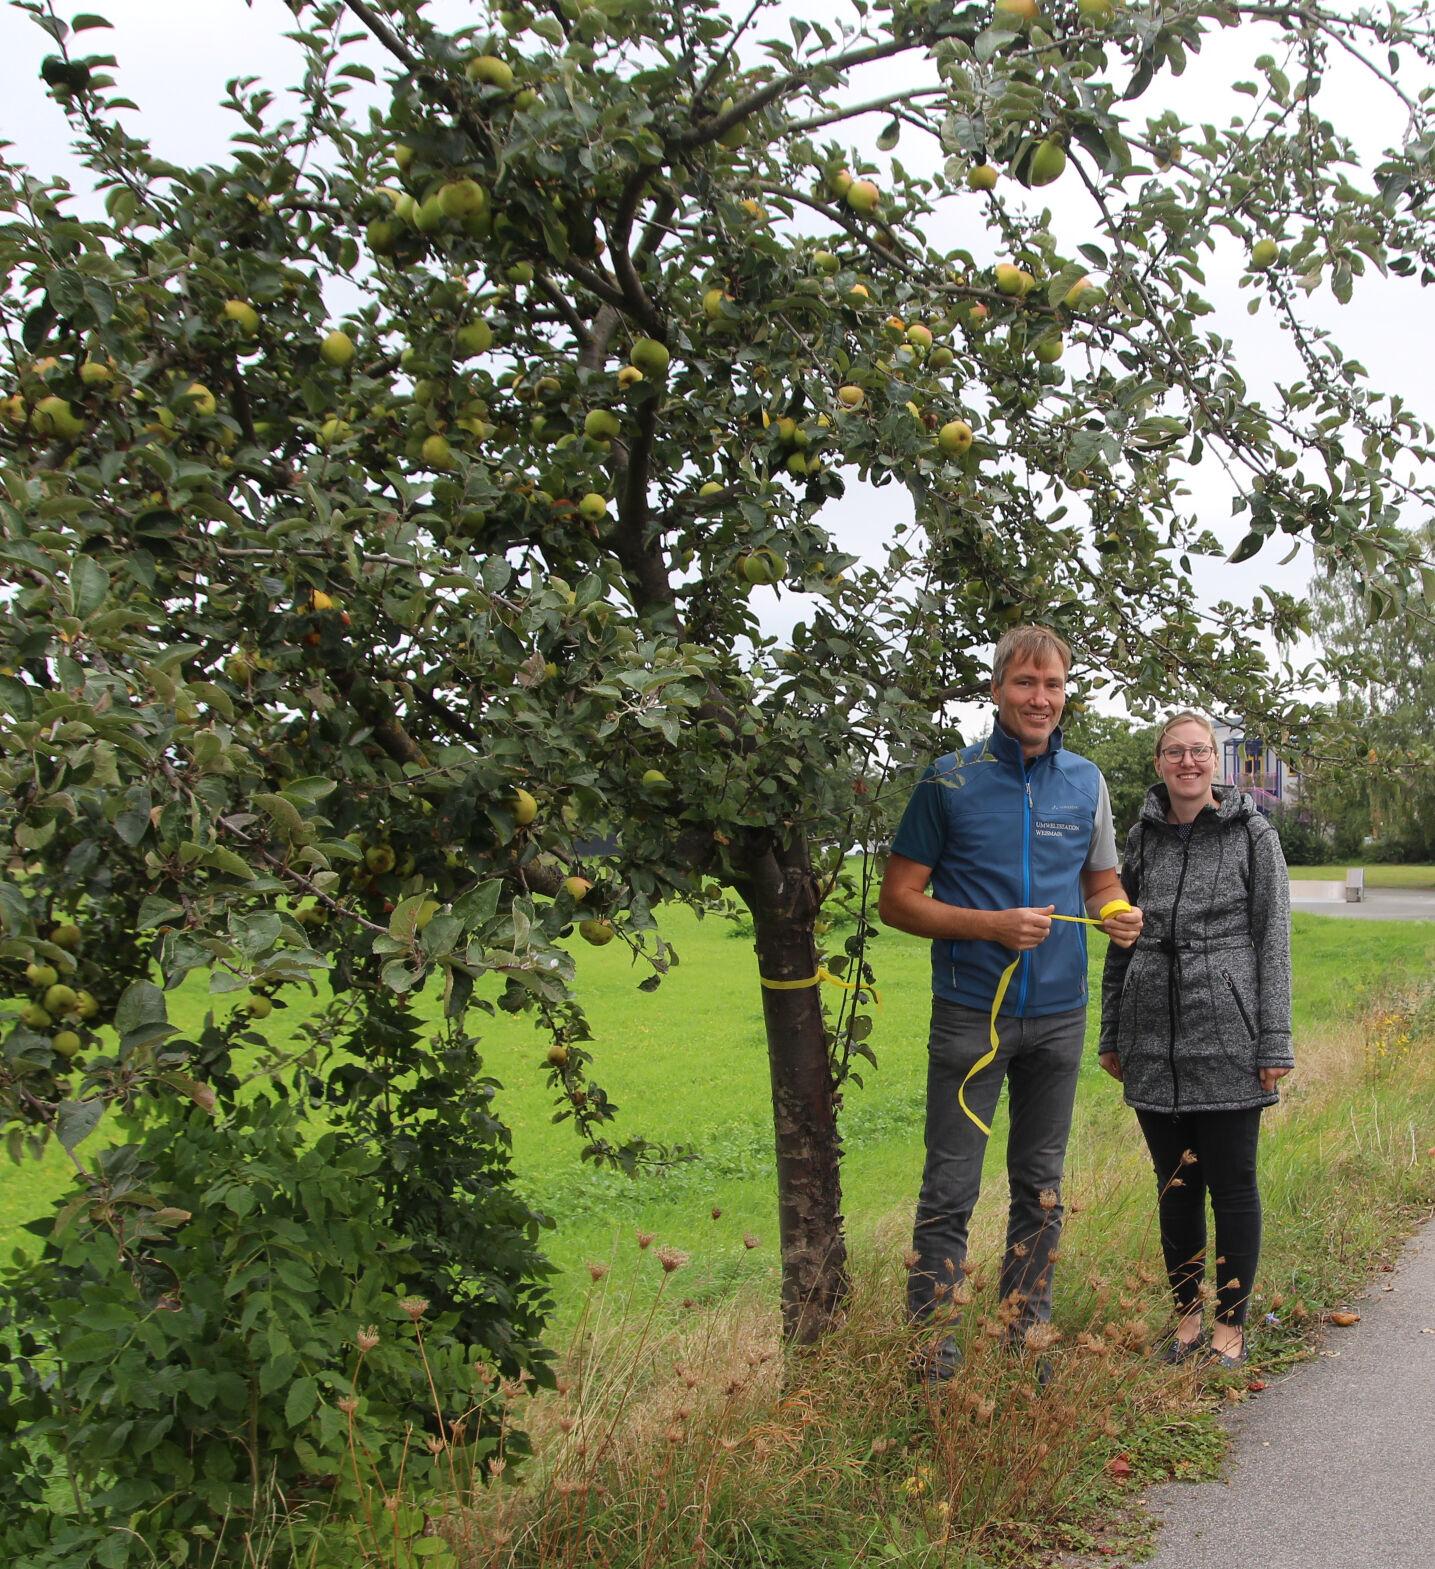 Bianca Faber von der Öko-Modellregion Obermain-Jura und Michael Stromer von der Umweltstation des Landkreises werben für das gelbe Band an Obstbäumen